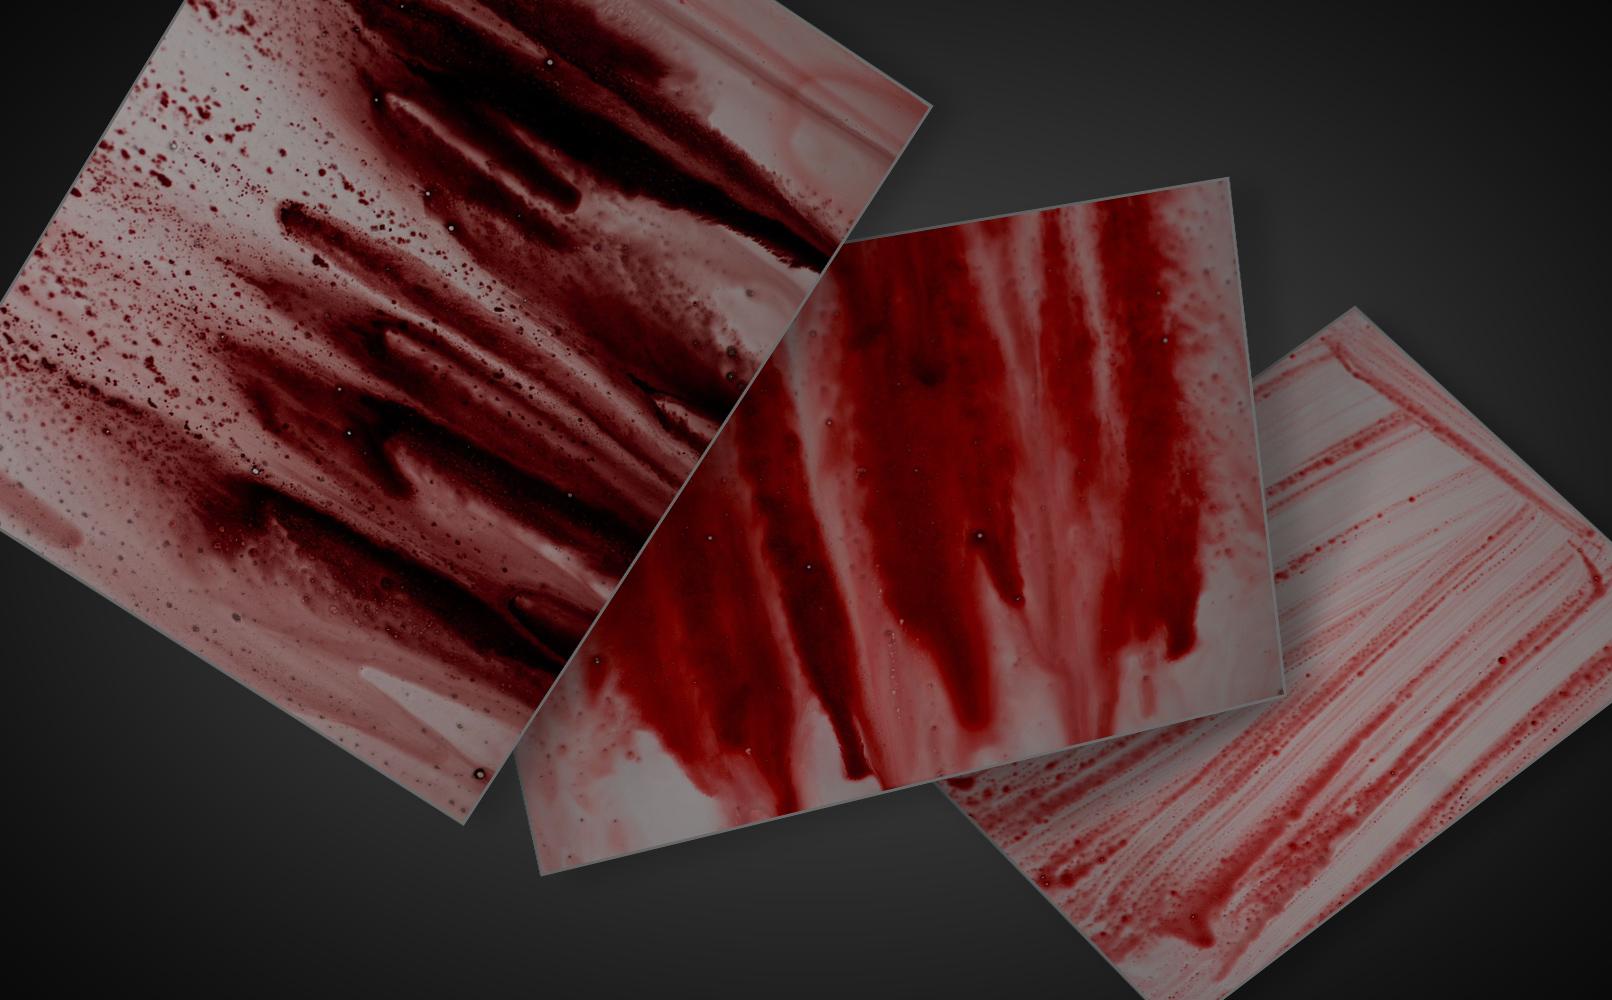 Blut-Bilder mit Blutspritzern und blutigen Schlieren – Blut-Fotos für Compositings.